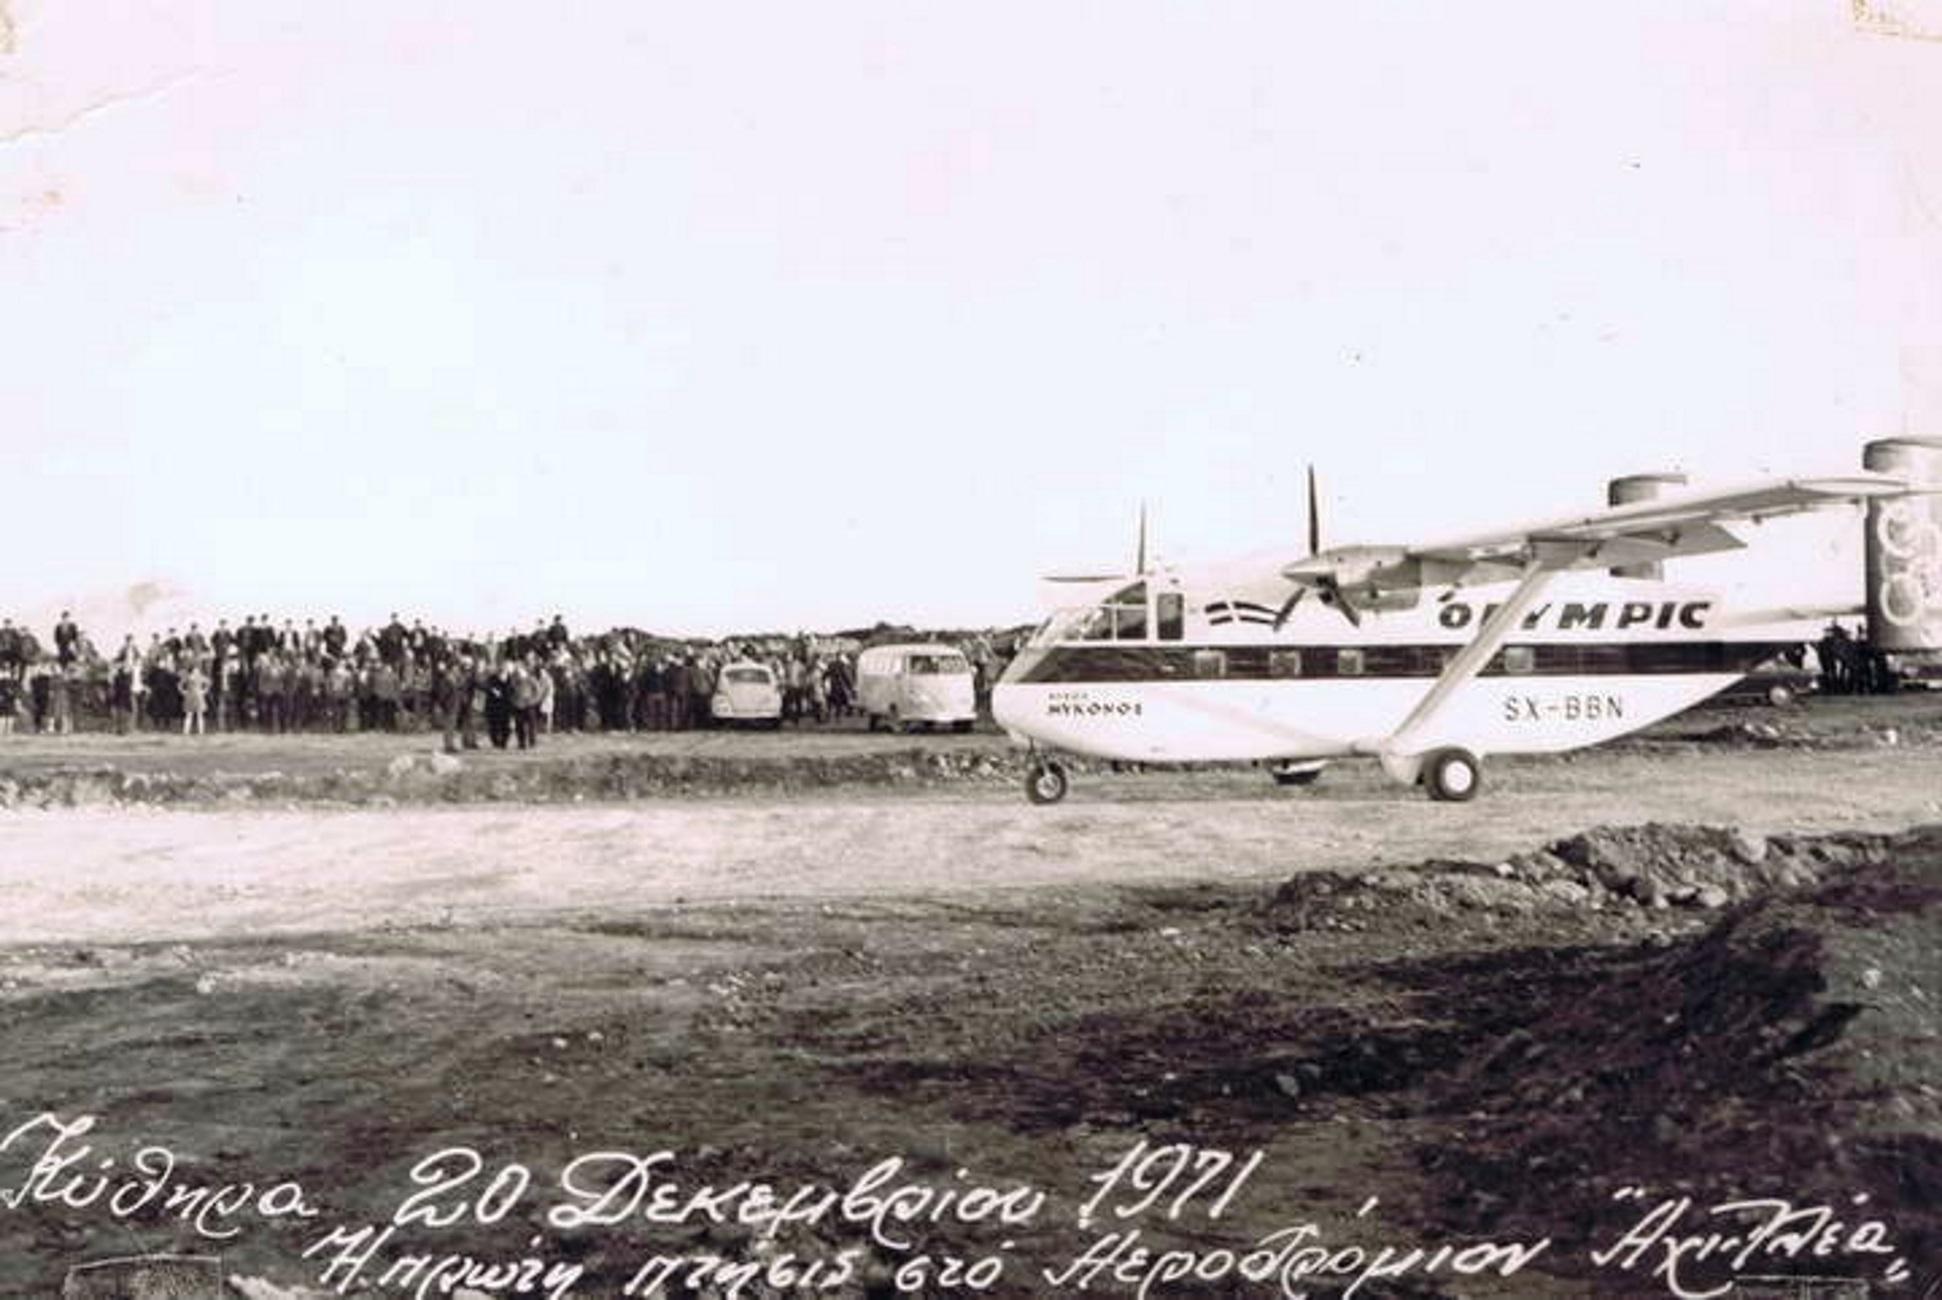 Κύθηρα: 50 χρόνια από αυτή την ιστορική στιγμή στο αεροδρόμιο «Αλέξανδρος Αριστοτέλους Ωνάσης»